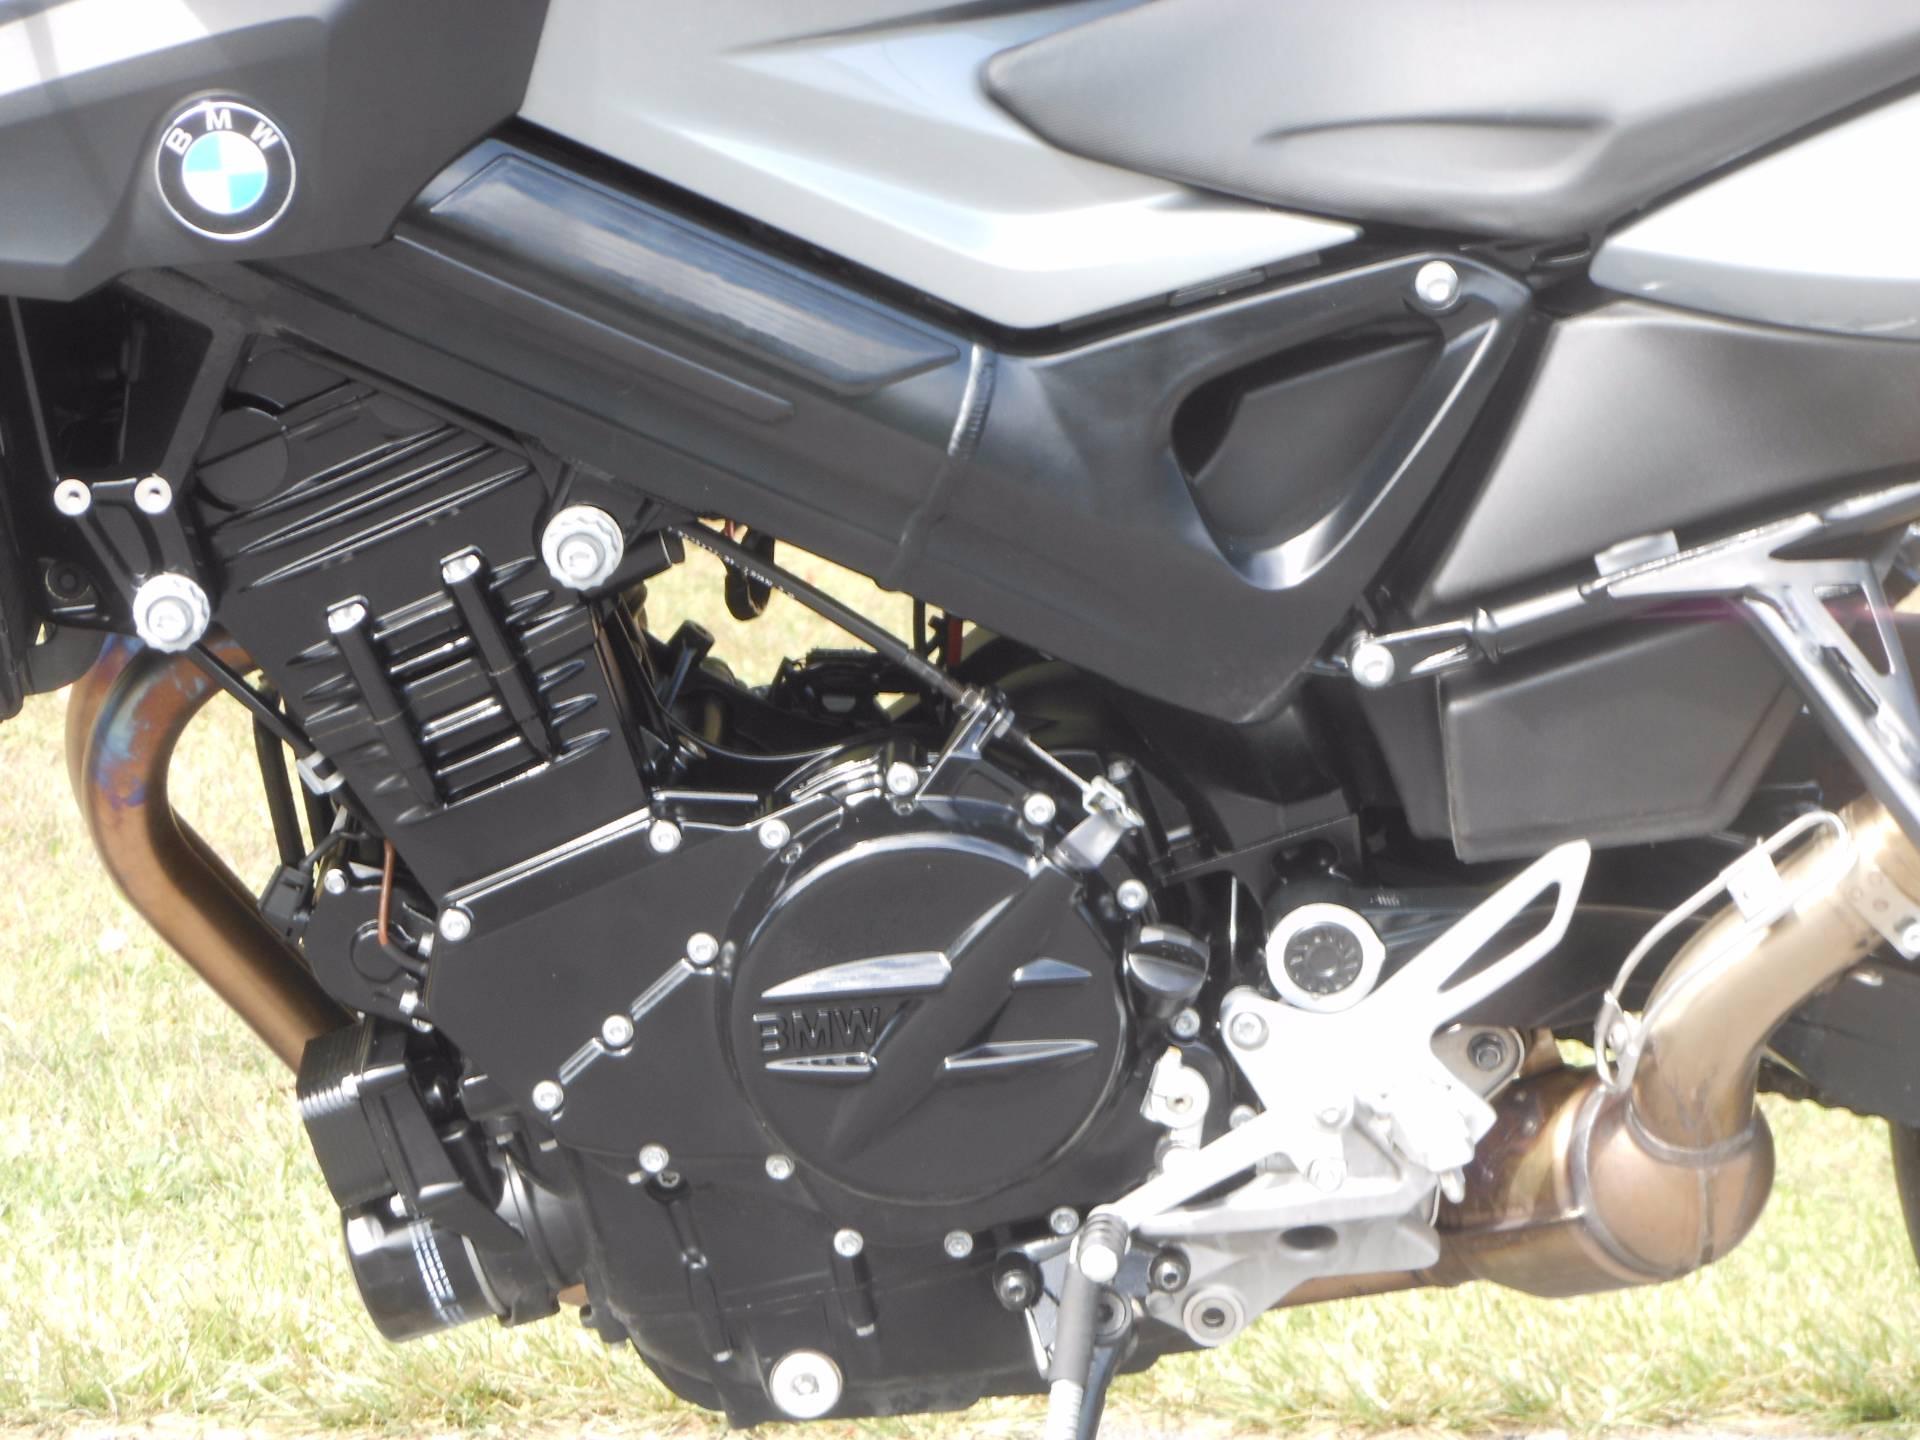 2011 BMW F 800 R in Port Clinton, Pennsylvania